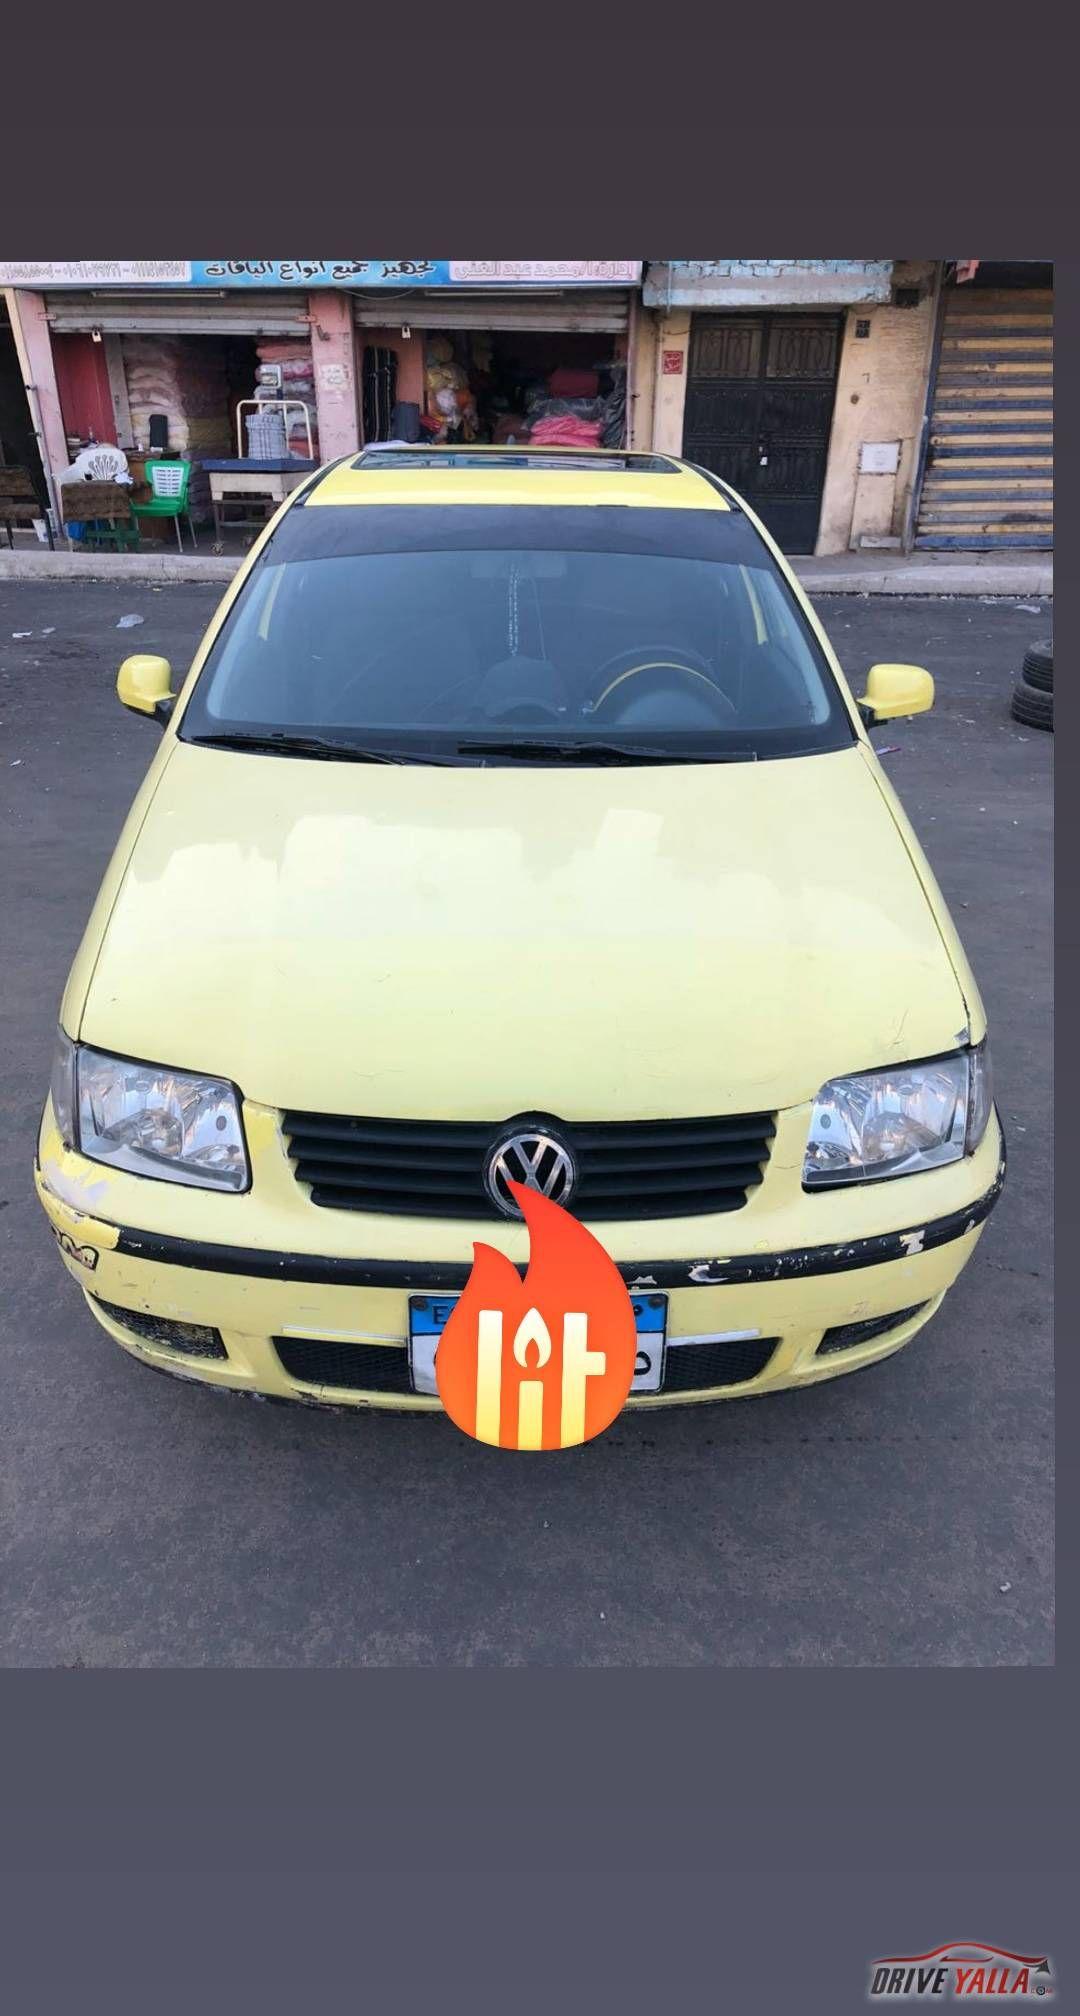 بولو 2001 Polo 2001 Car Vehicles